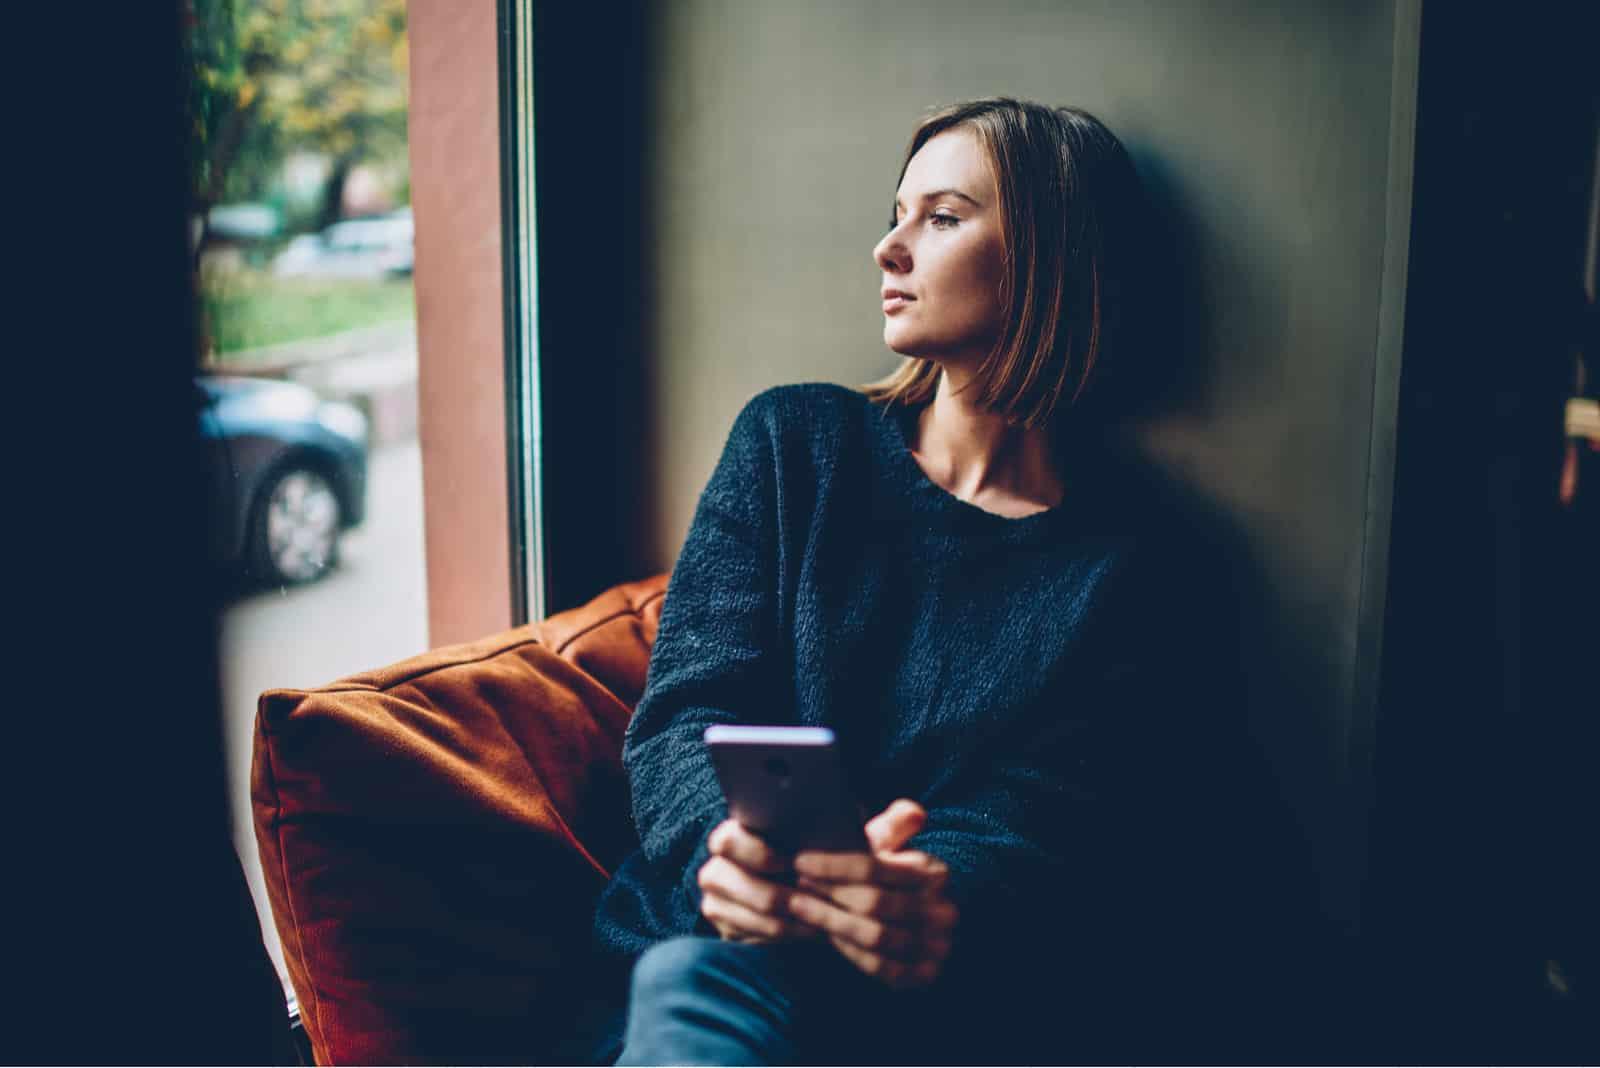 Frau gekleidet in schwarzem Freizeitoutfit, das aus dem Fenster schaut